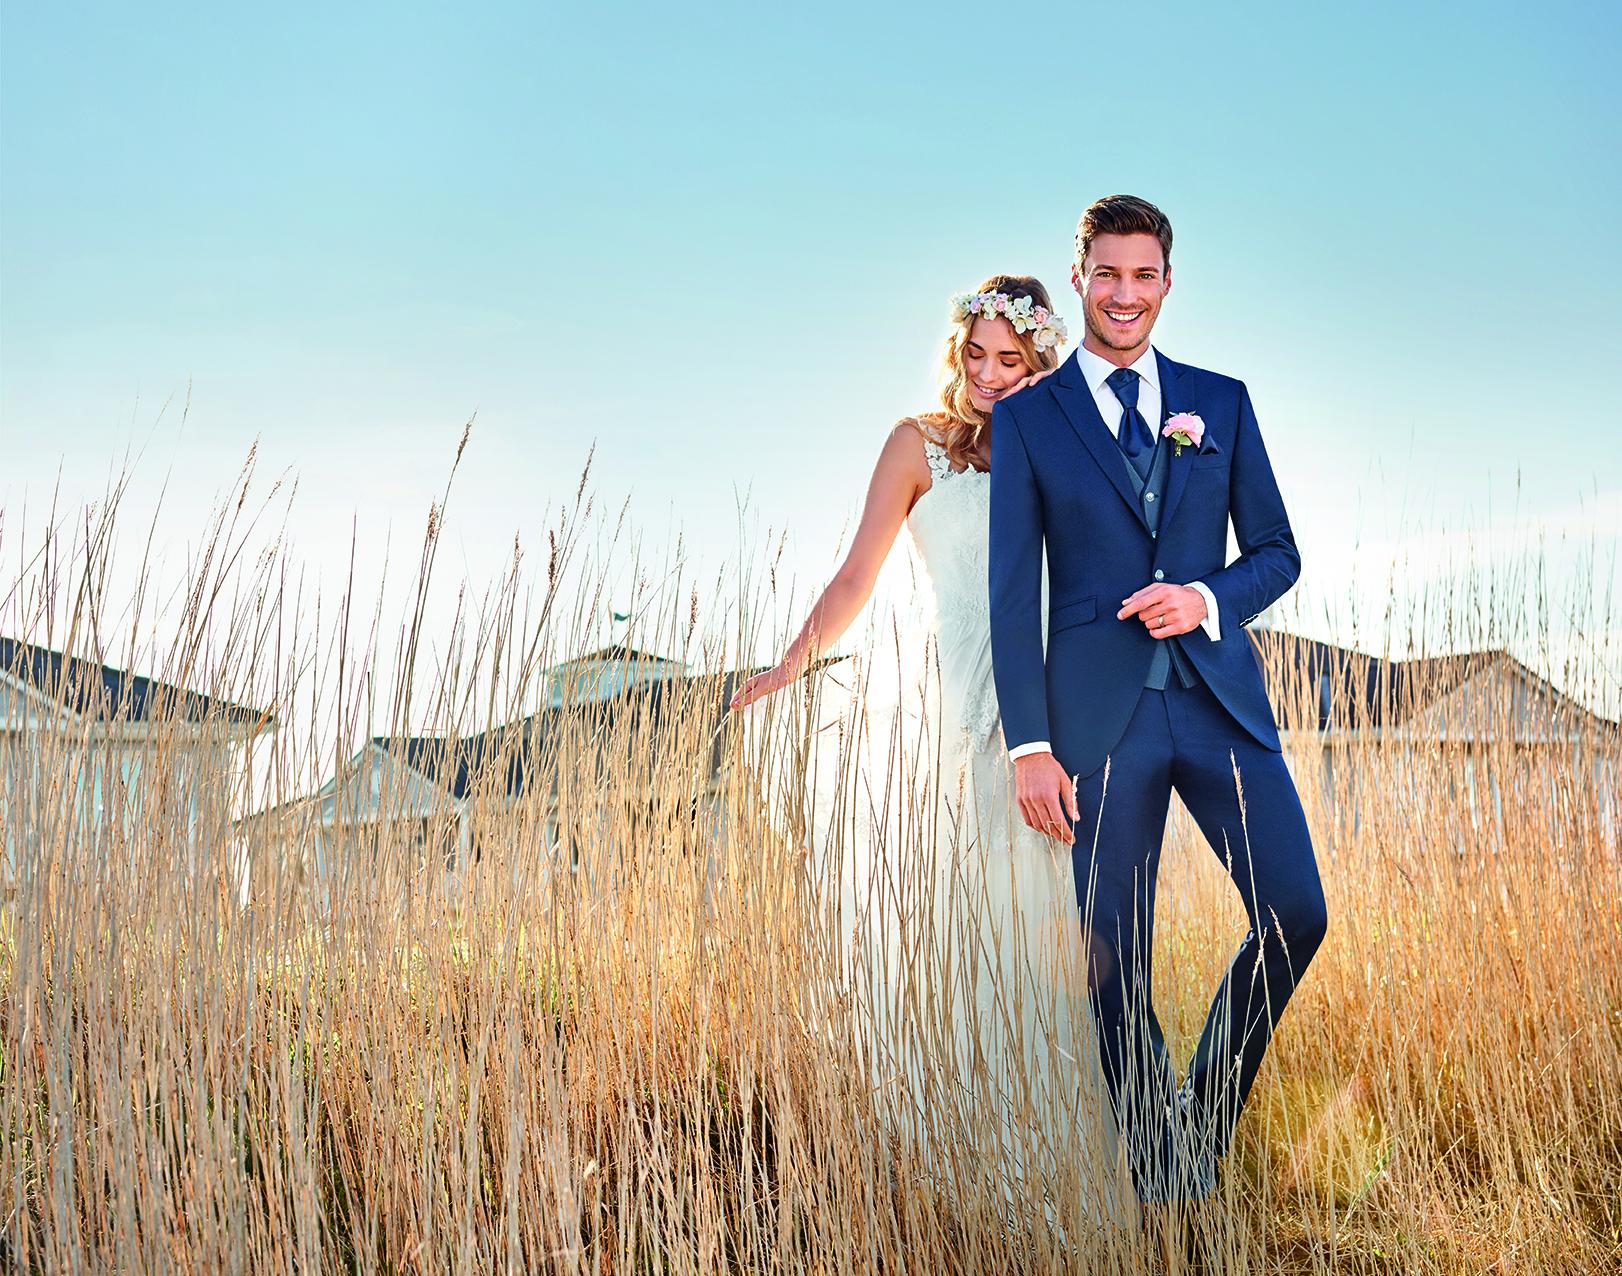 Popshop - alles für den Bräutigam, Hochzeitsaktion, Heiraten